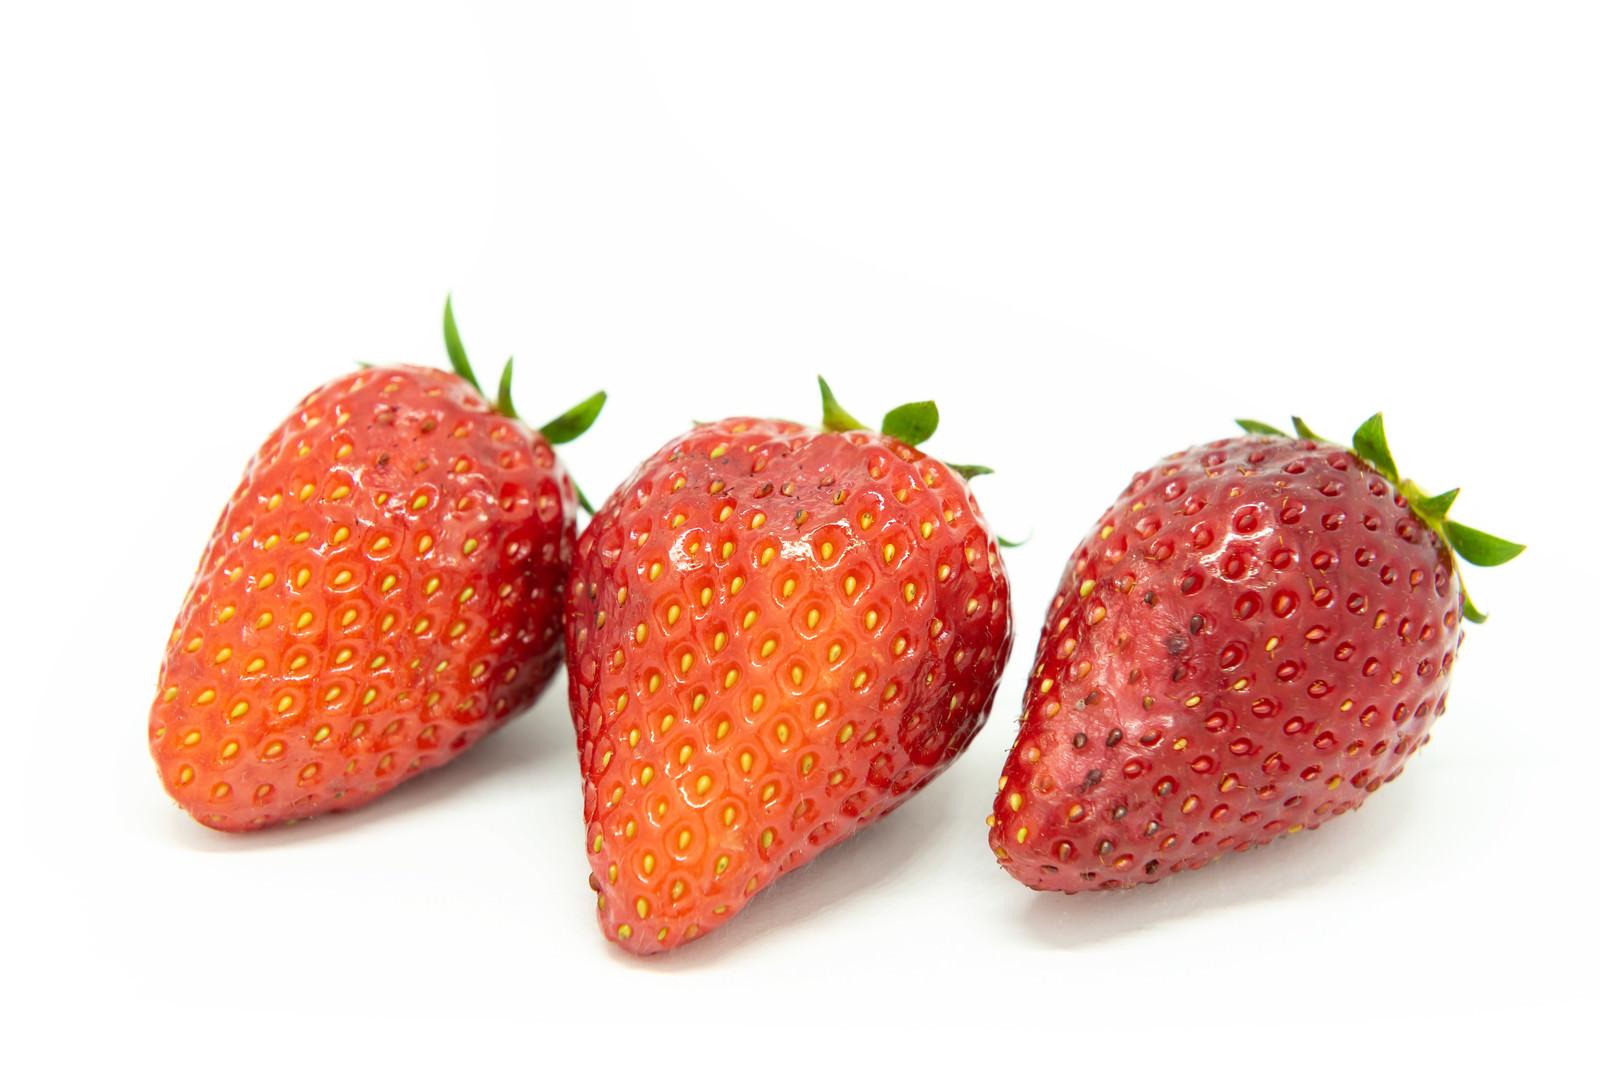 「果皮が傷んだ果実(苺)」の写真